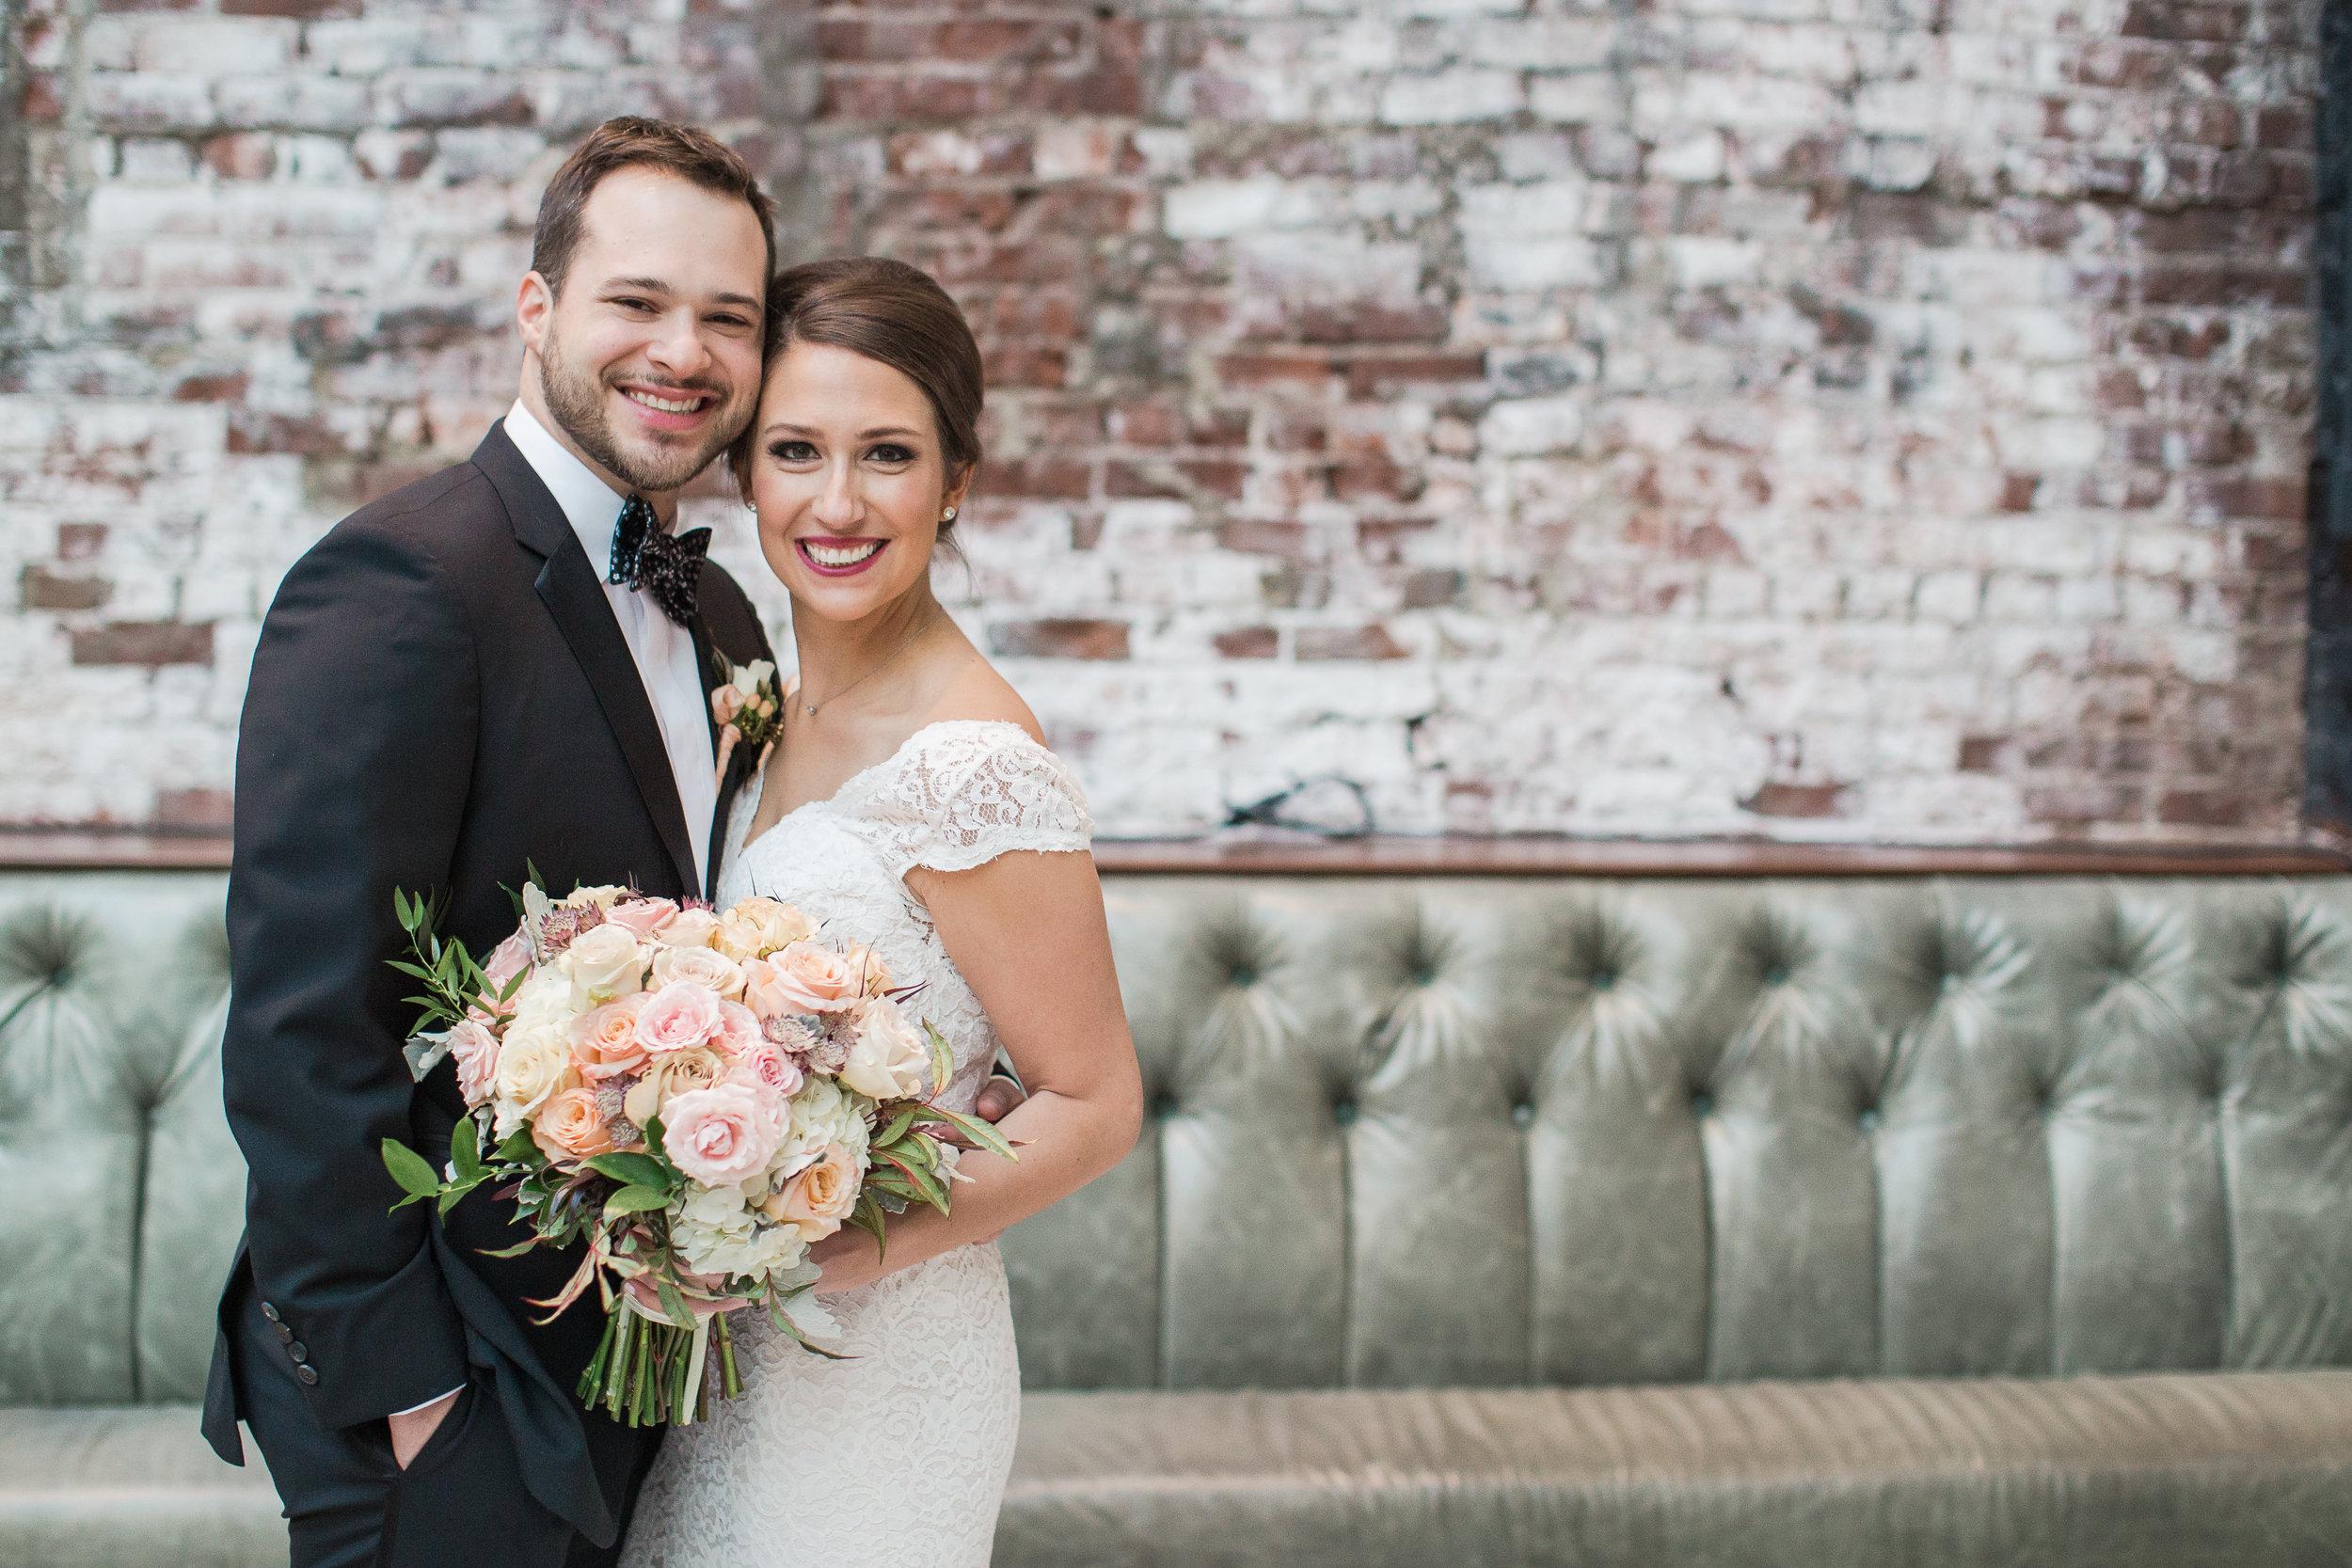 Amanada Donaho Photography - Hotel Covington Wedding